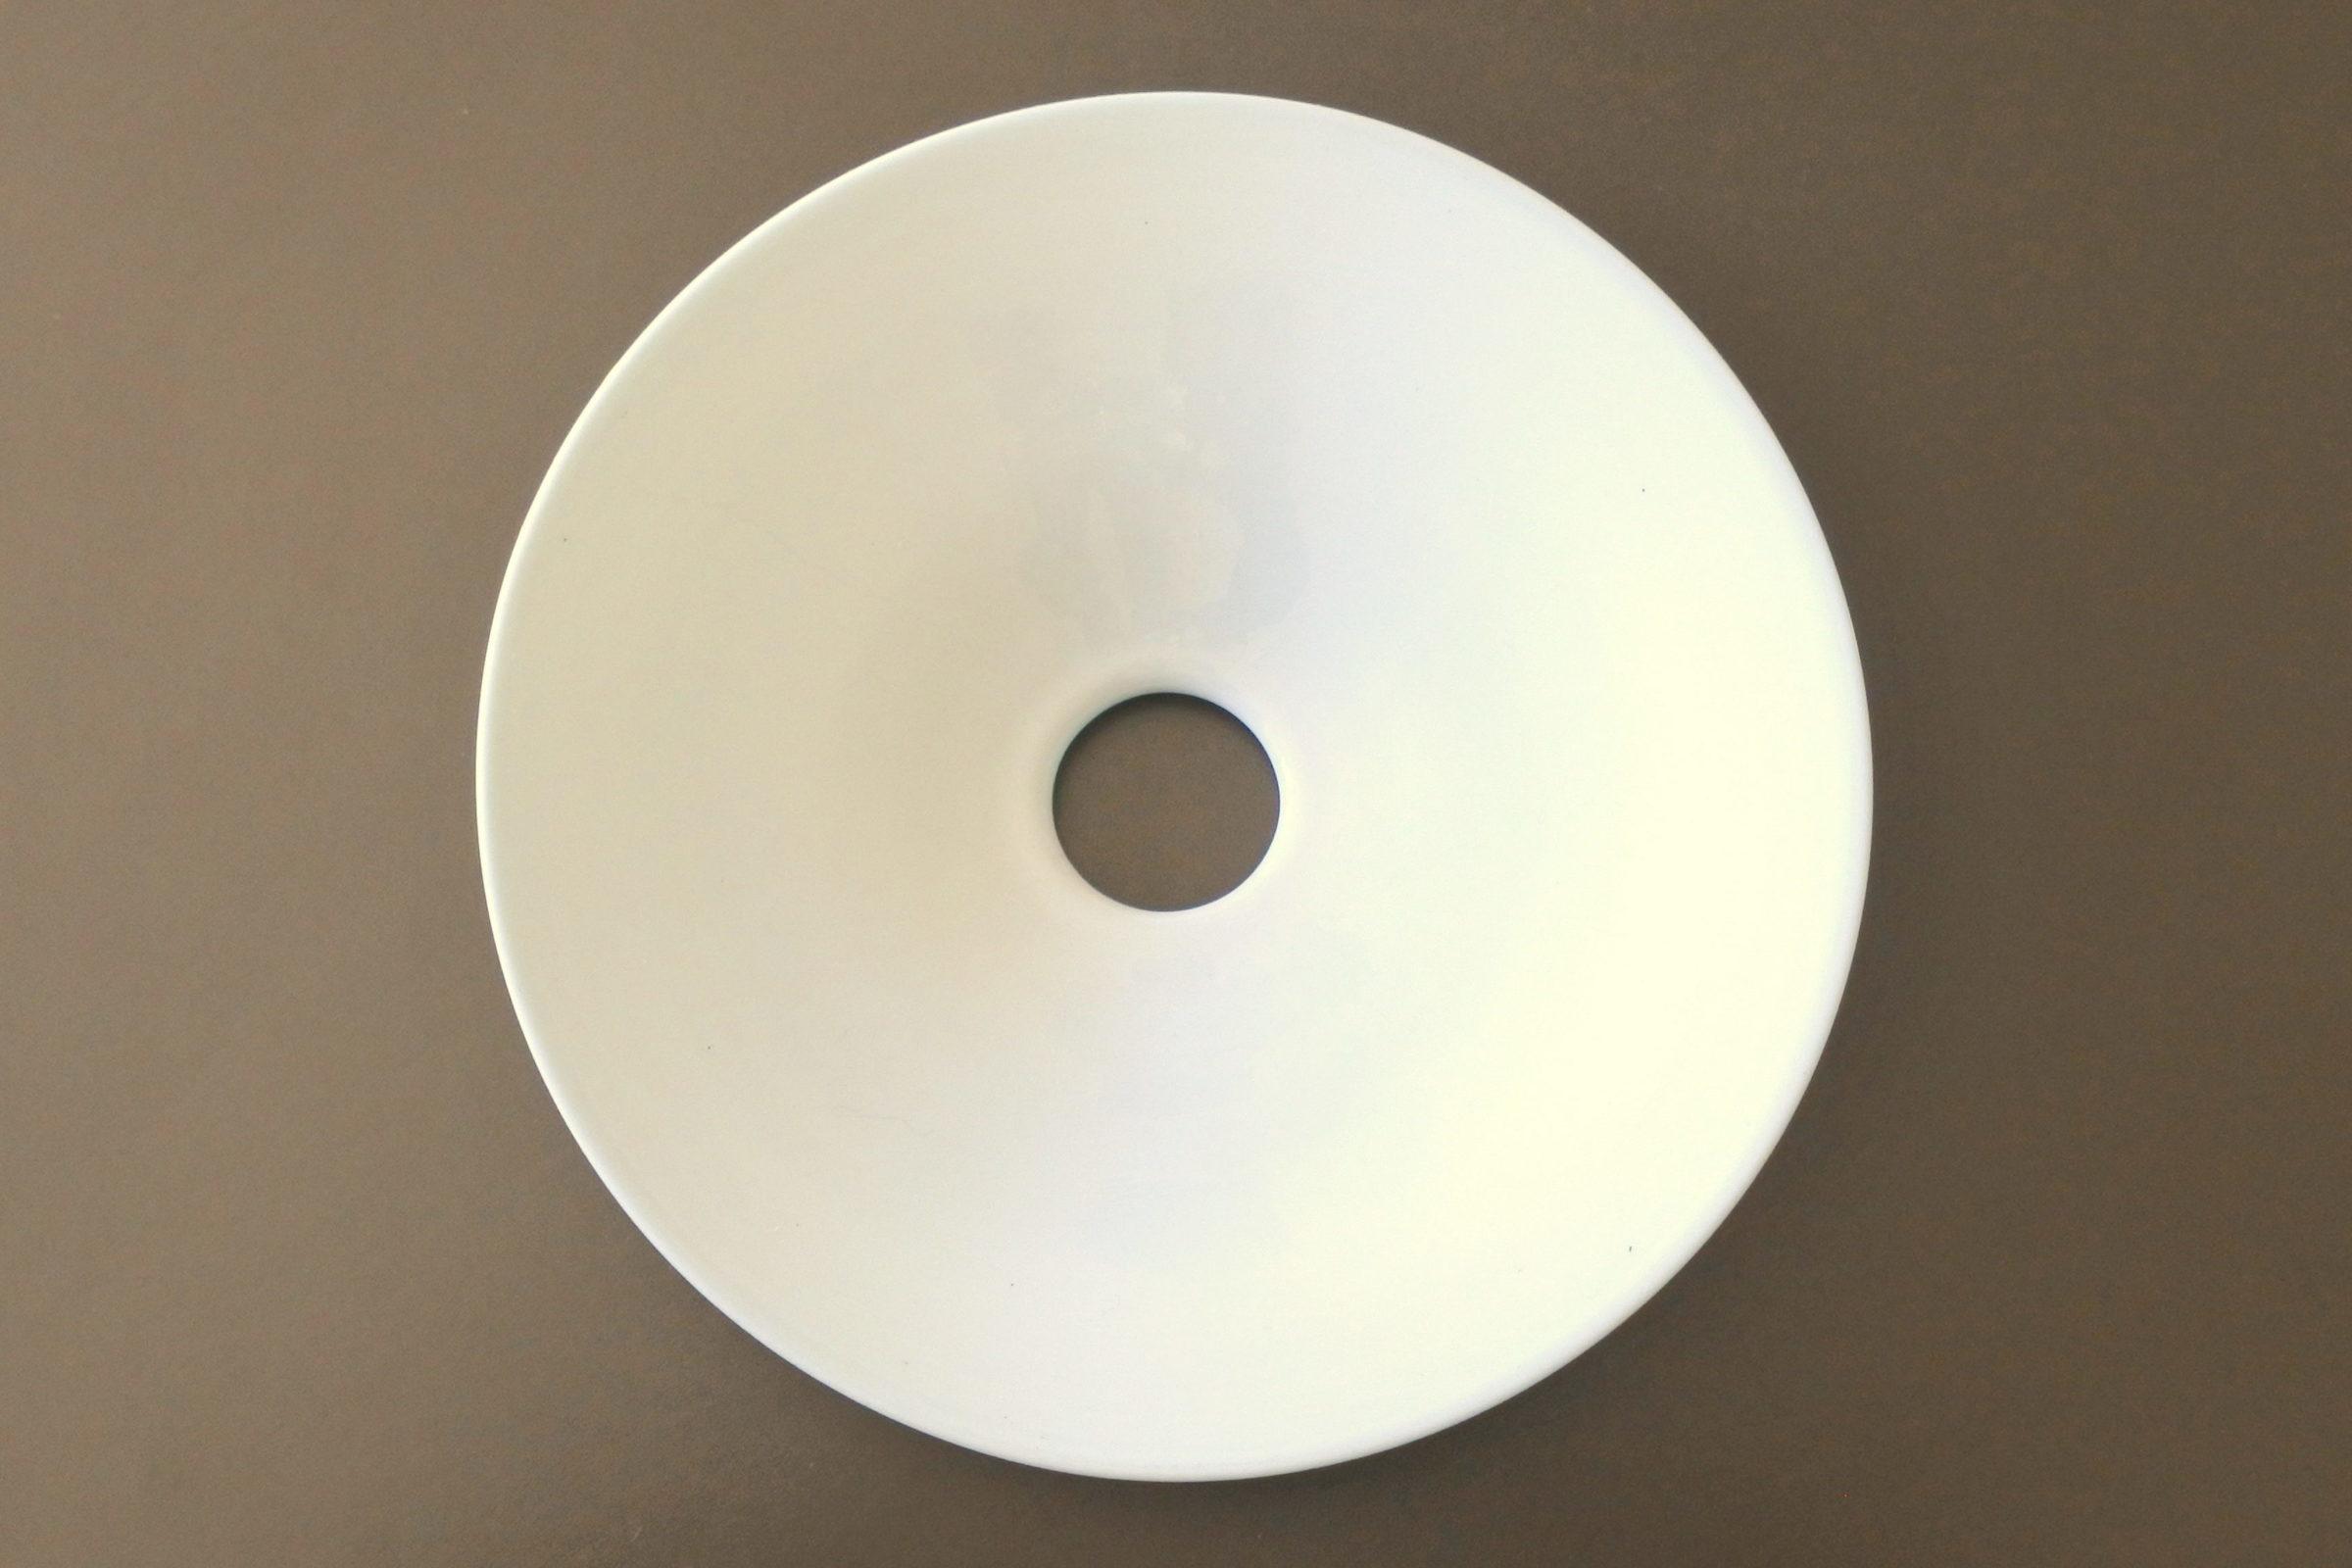 Vetro opalino incamiciato verde e bianco per lampada a sospensione - 2